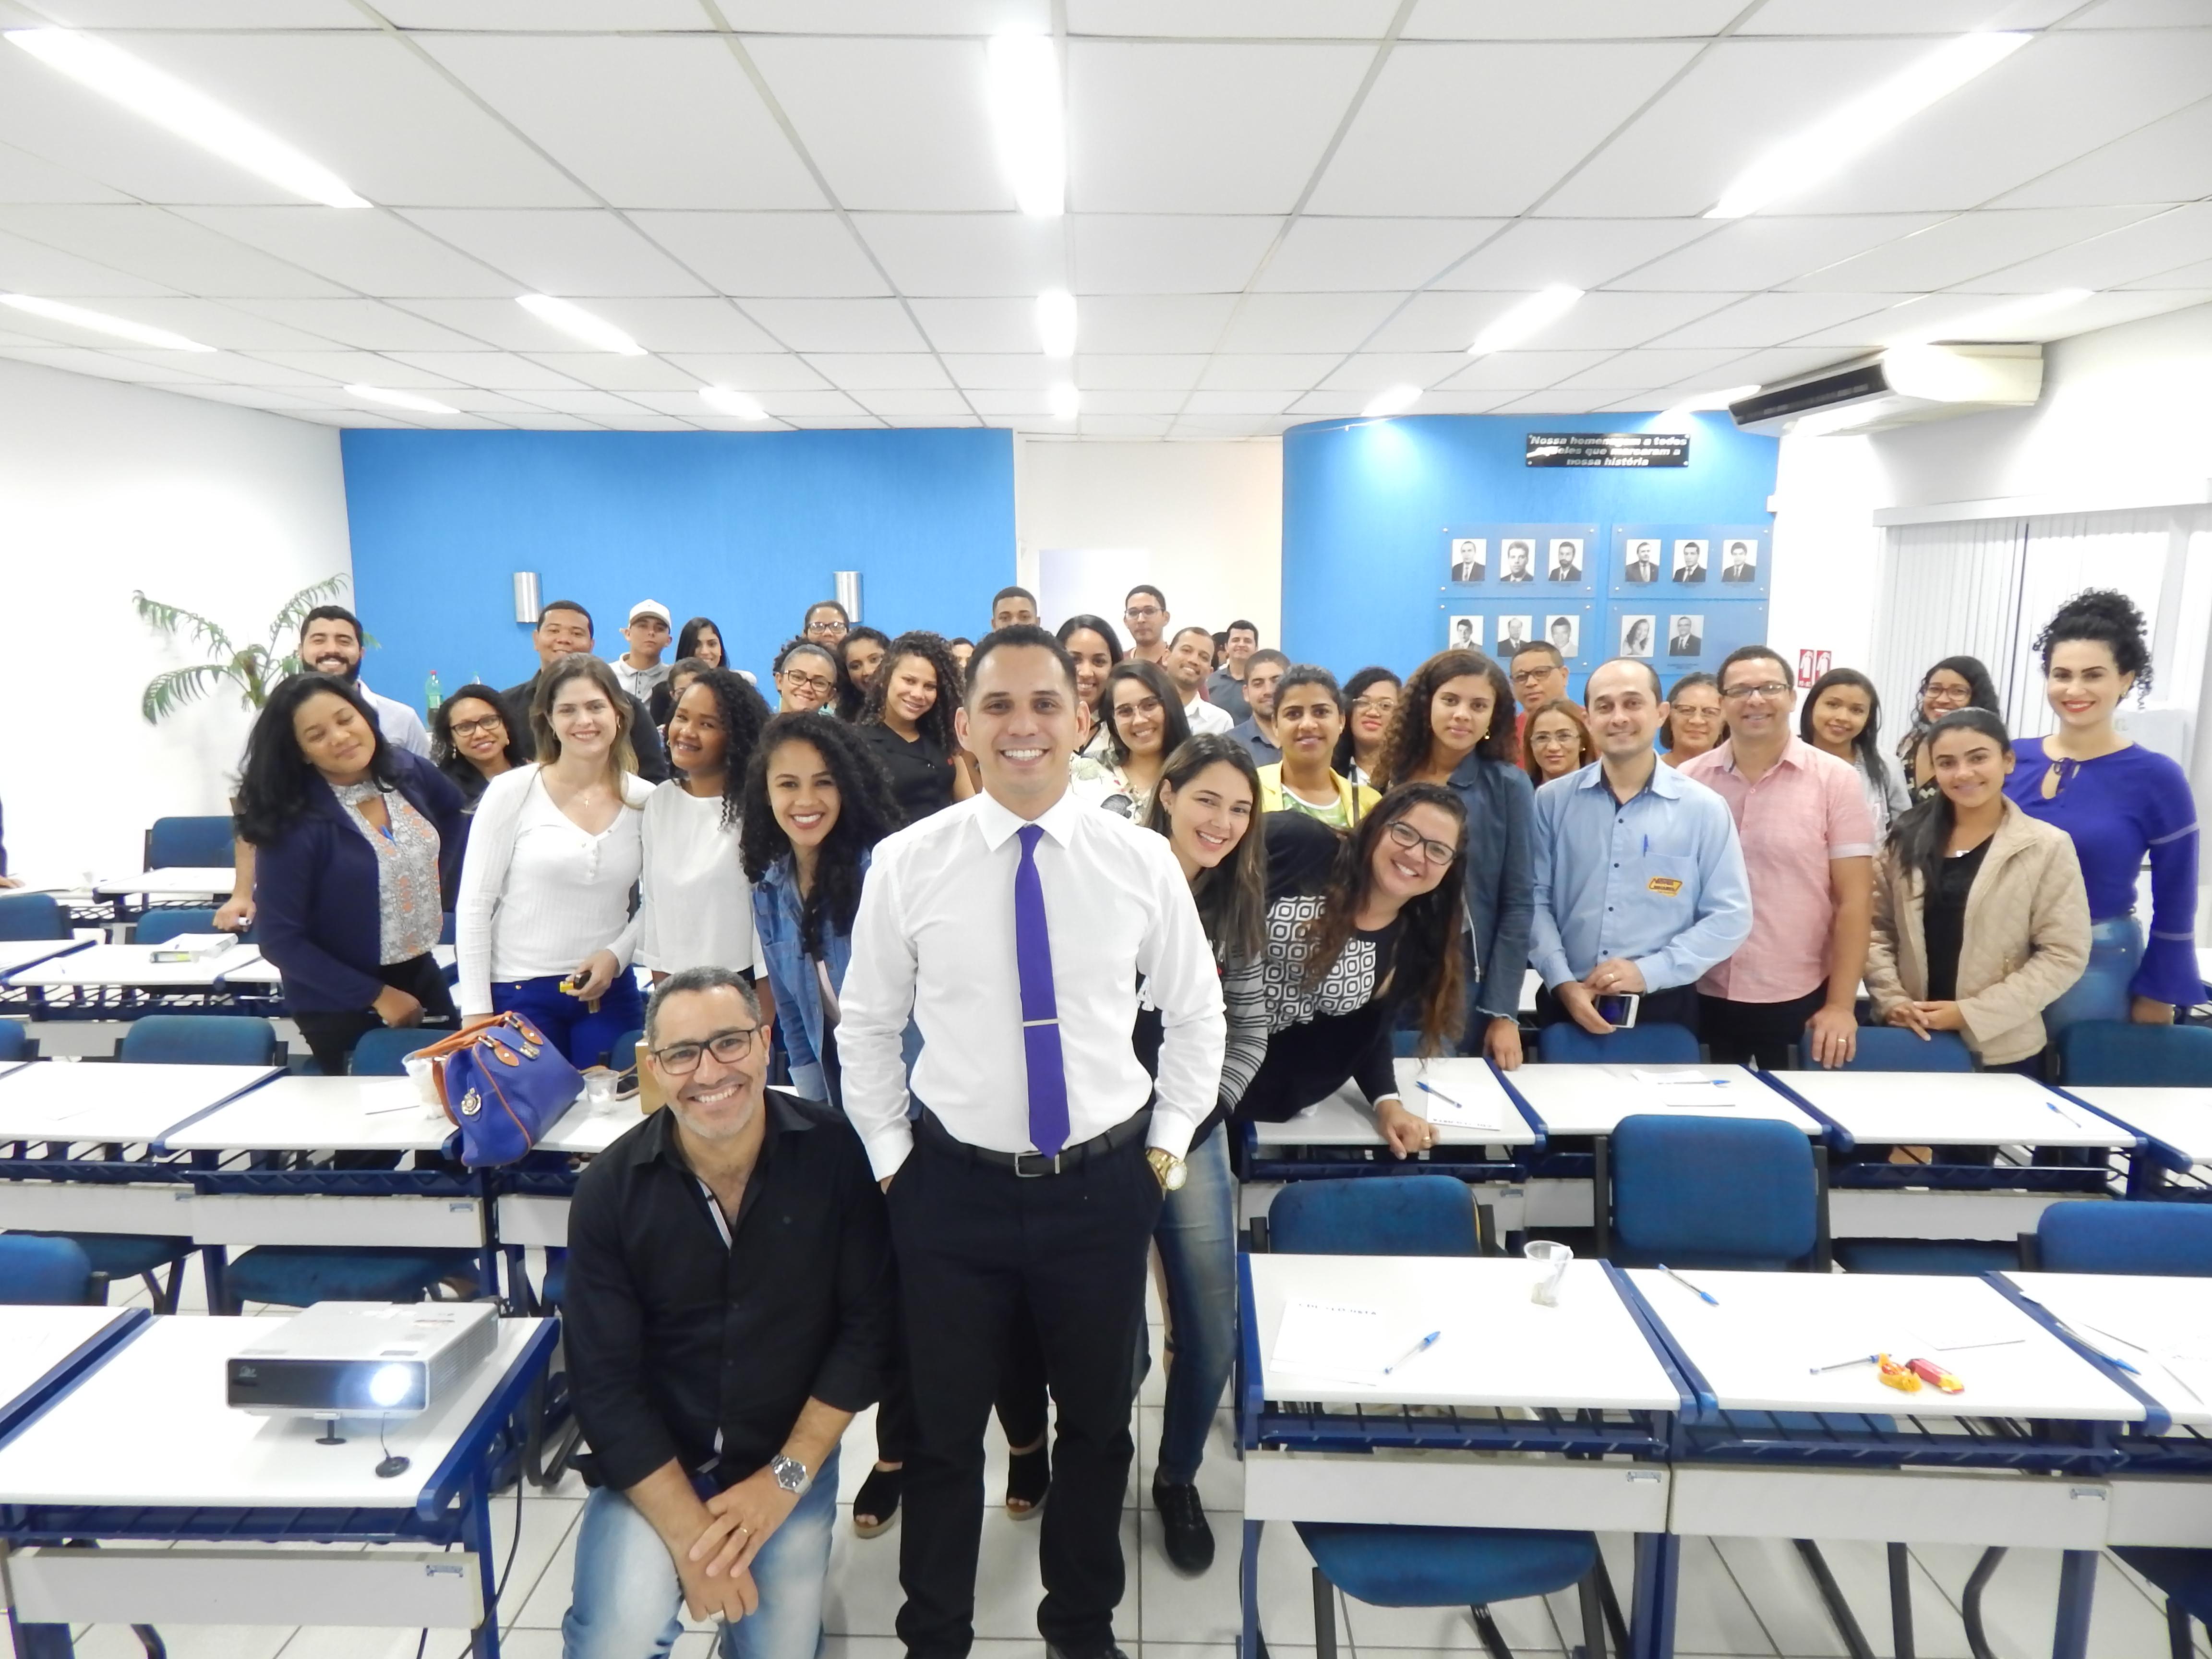 CDL realiza Workshop de oratória com Lucas Caitité